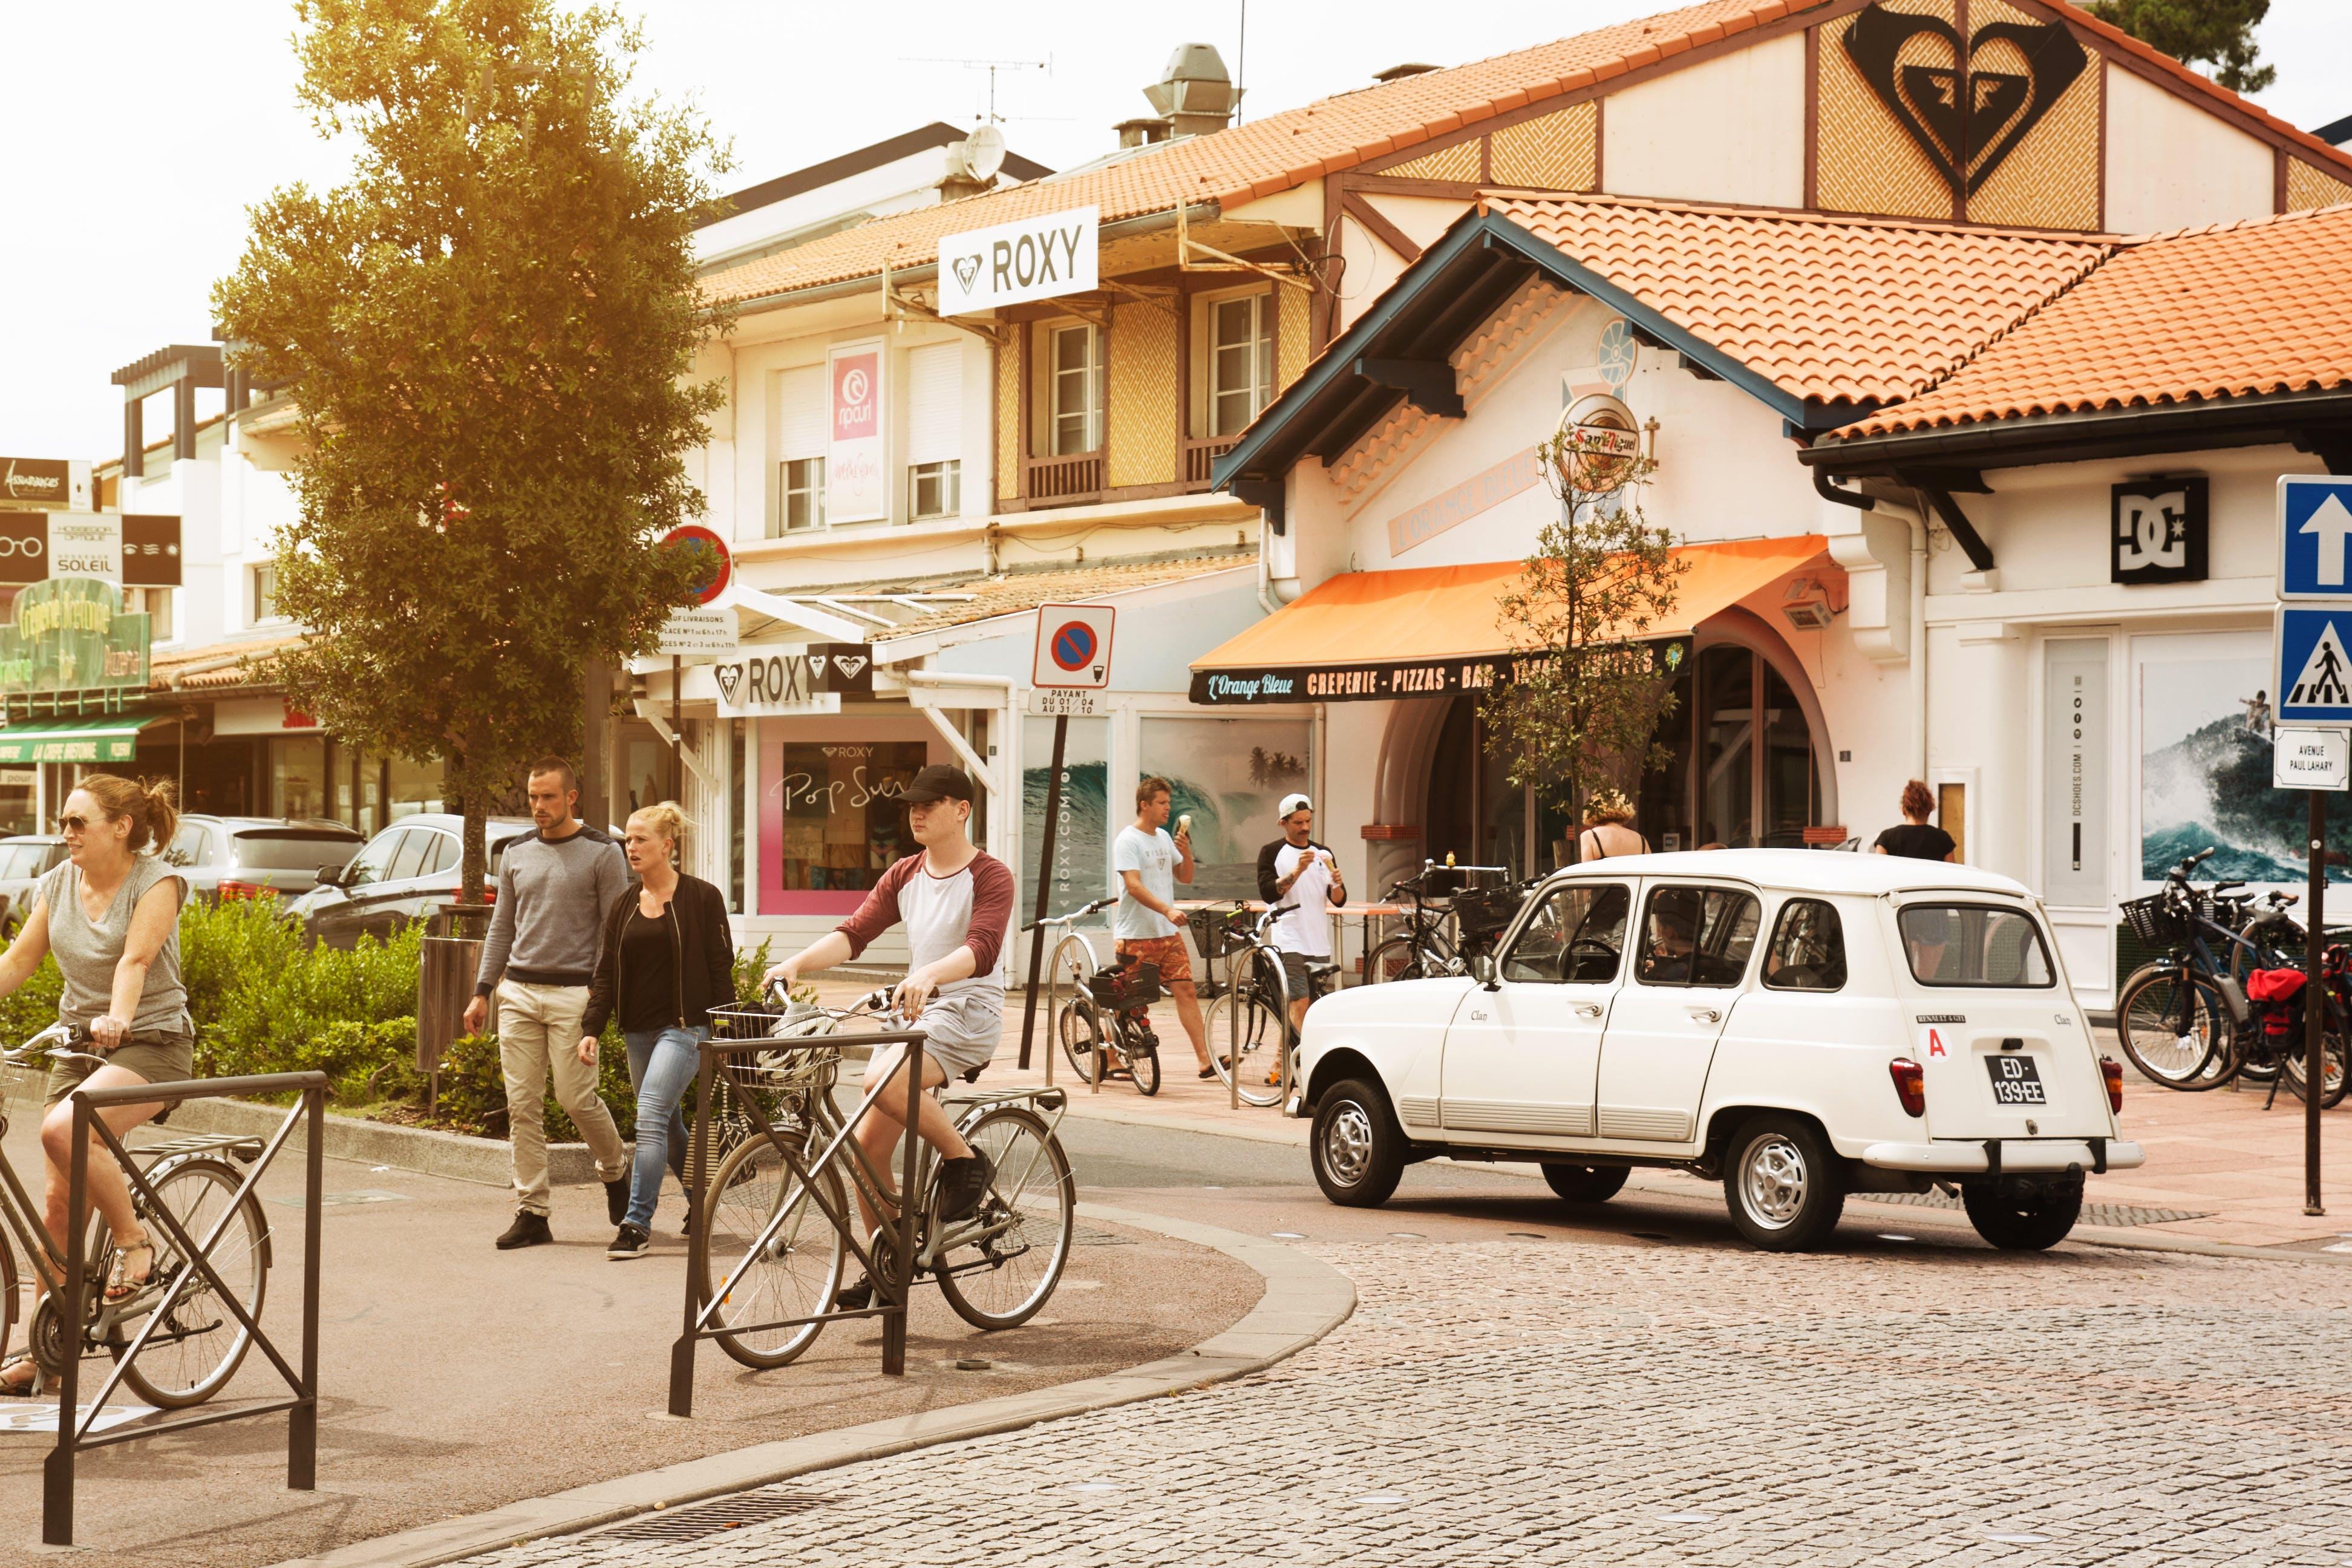 Δωρεάν στοκ φωτογραφιών με Άνθρωποι, αρχιτεκτονική, αυτοκίνητα, δέντρα